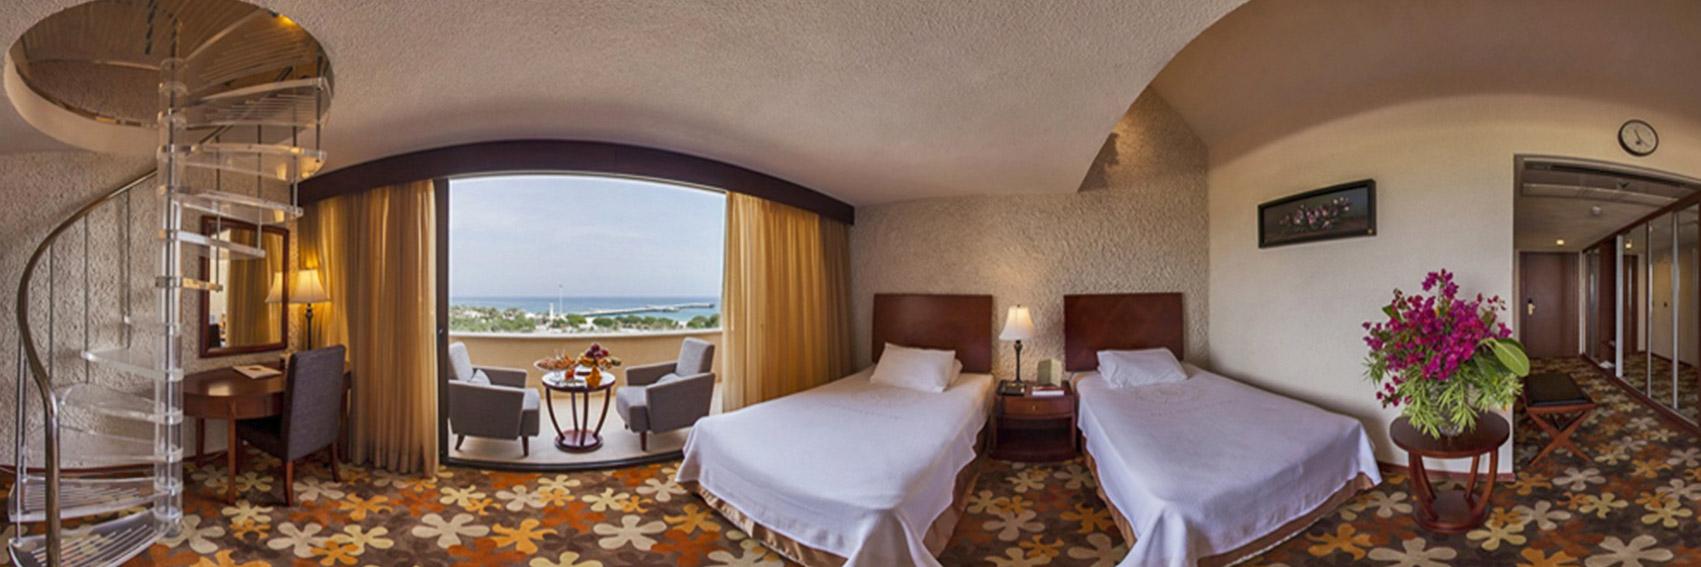 اتاق های شیک در هتل شایان